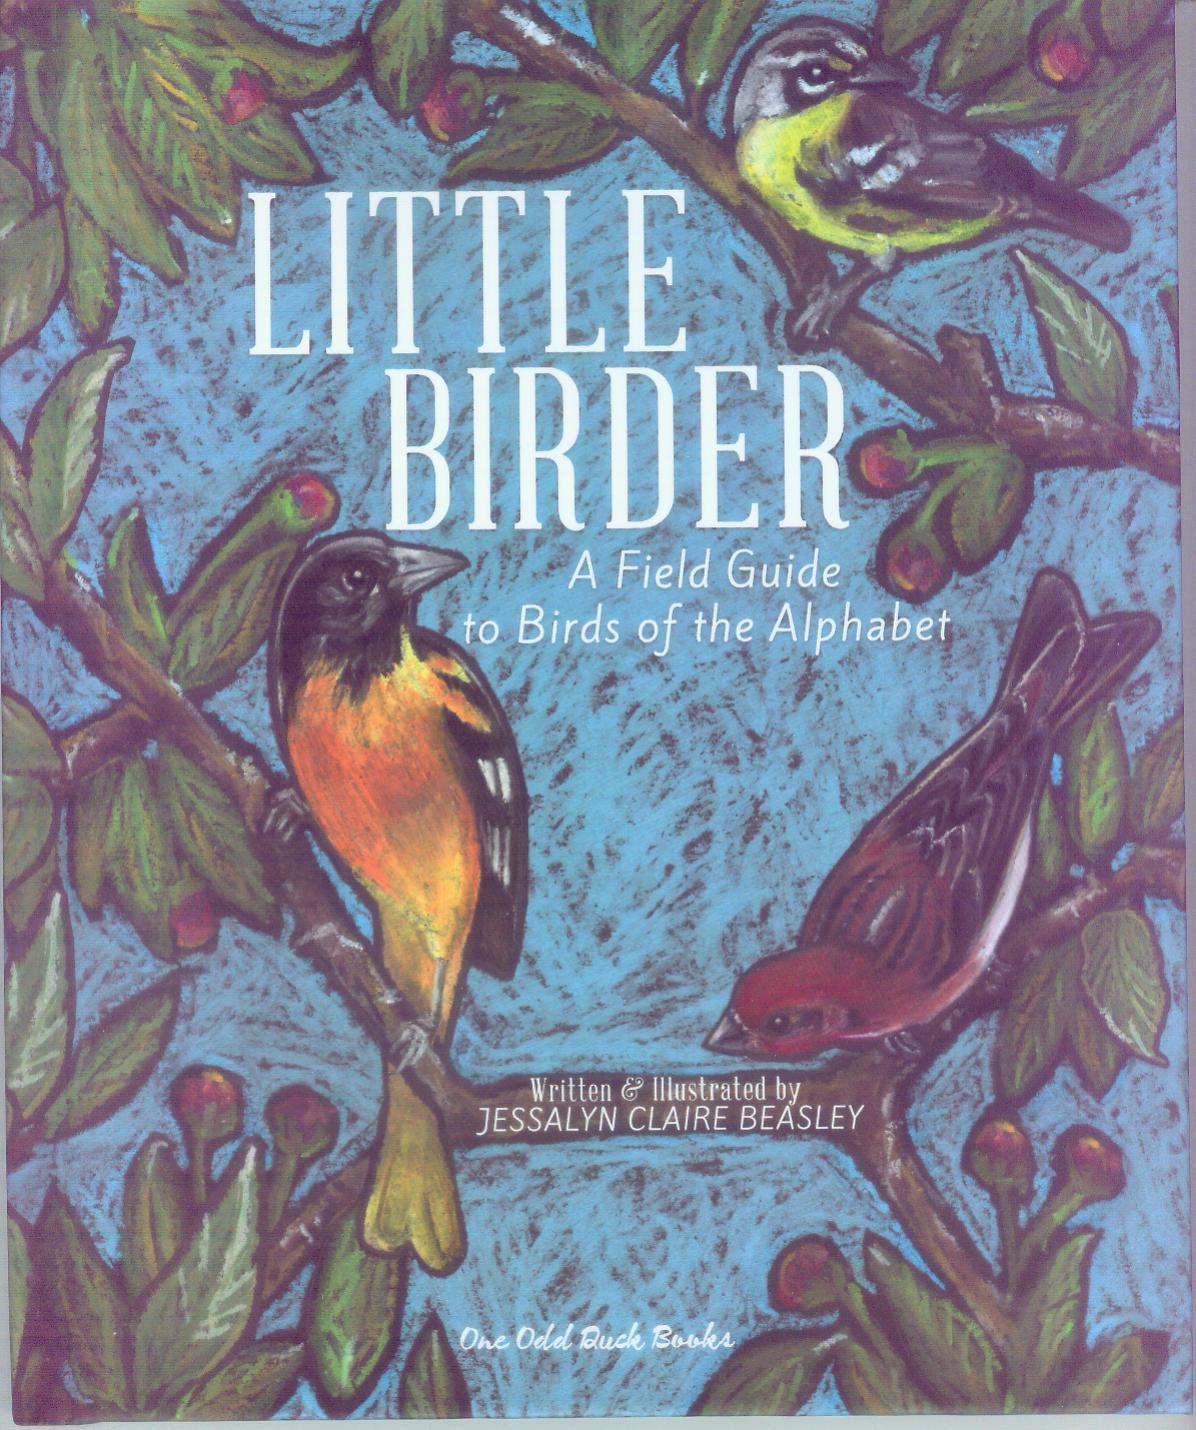 TEXAS READS: 'Little Birder'